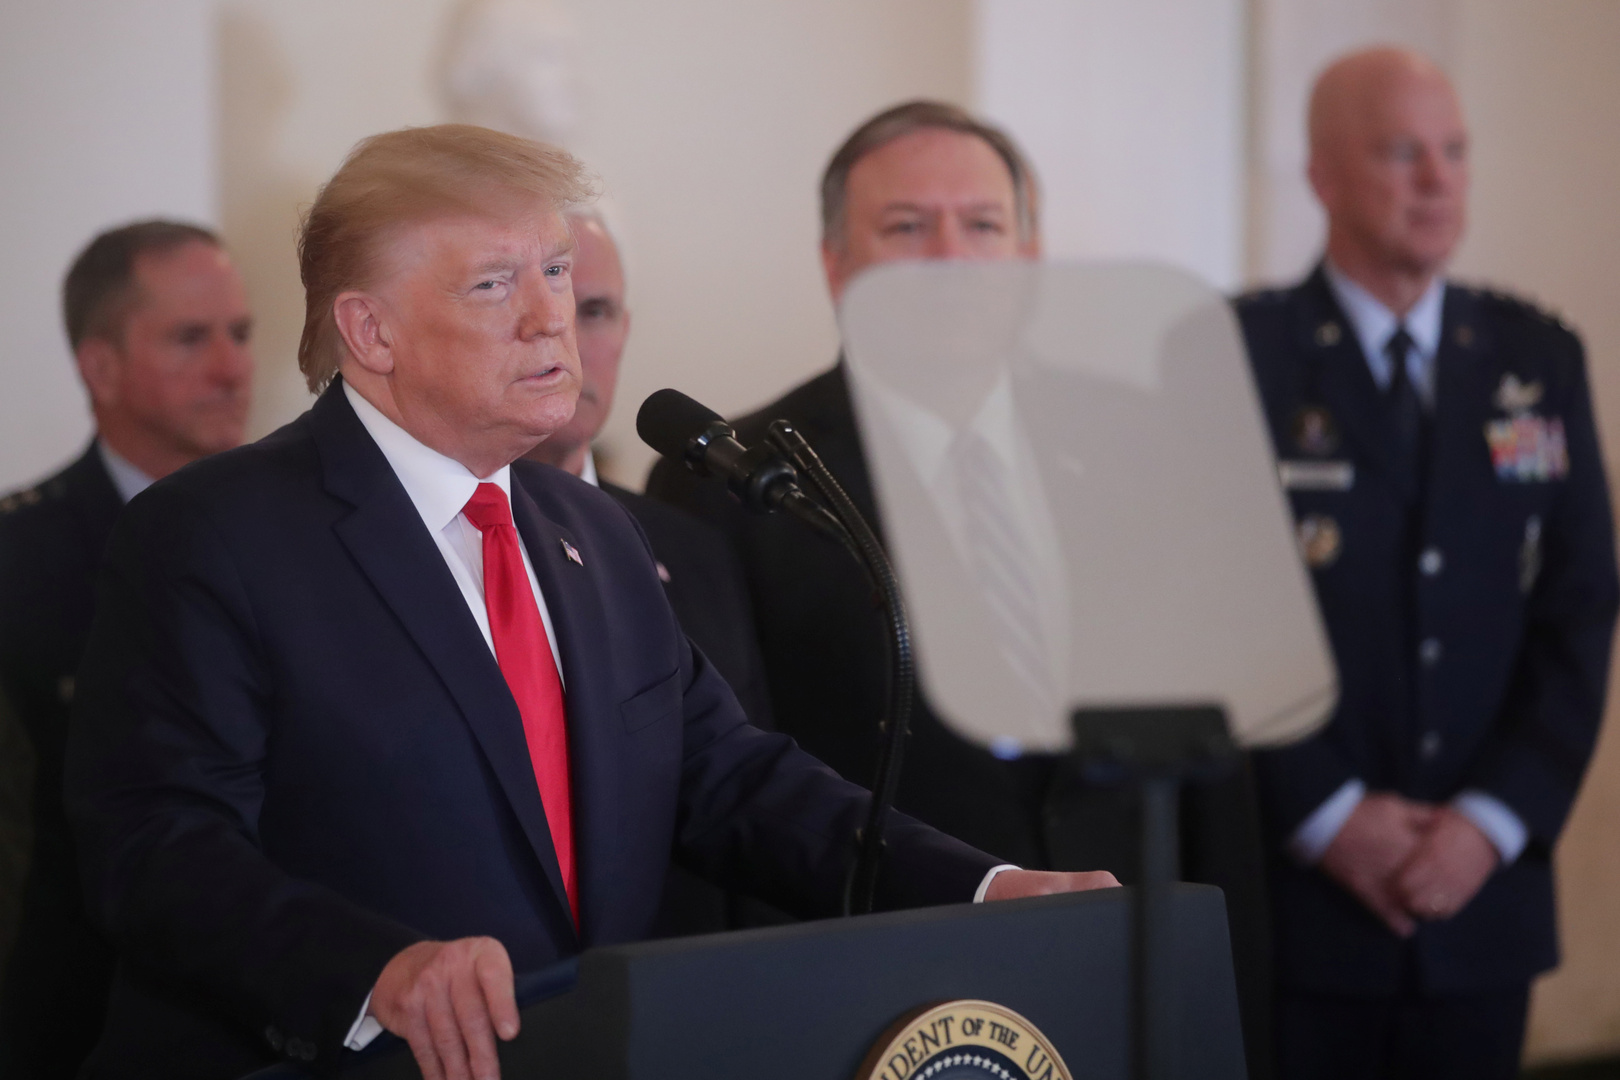 ضربة أمريكية لإيران بسلاح العقوبات